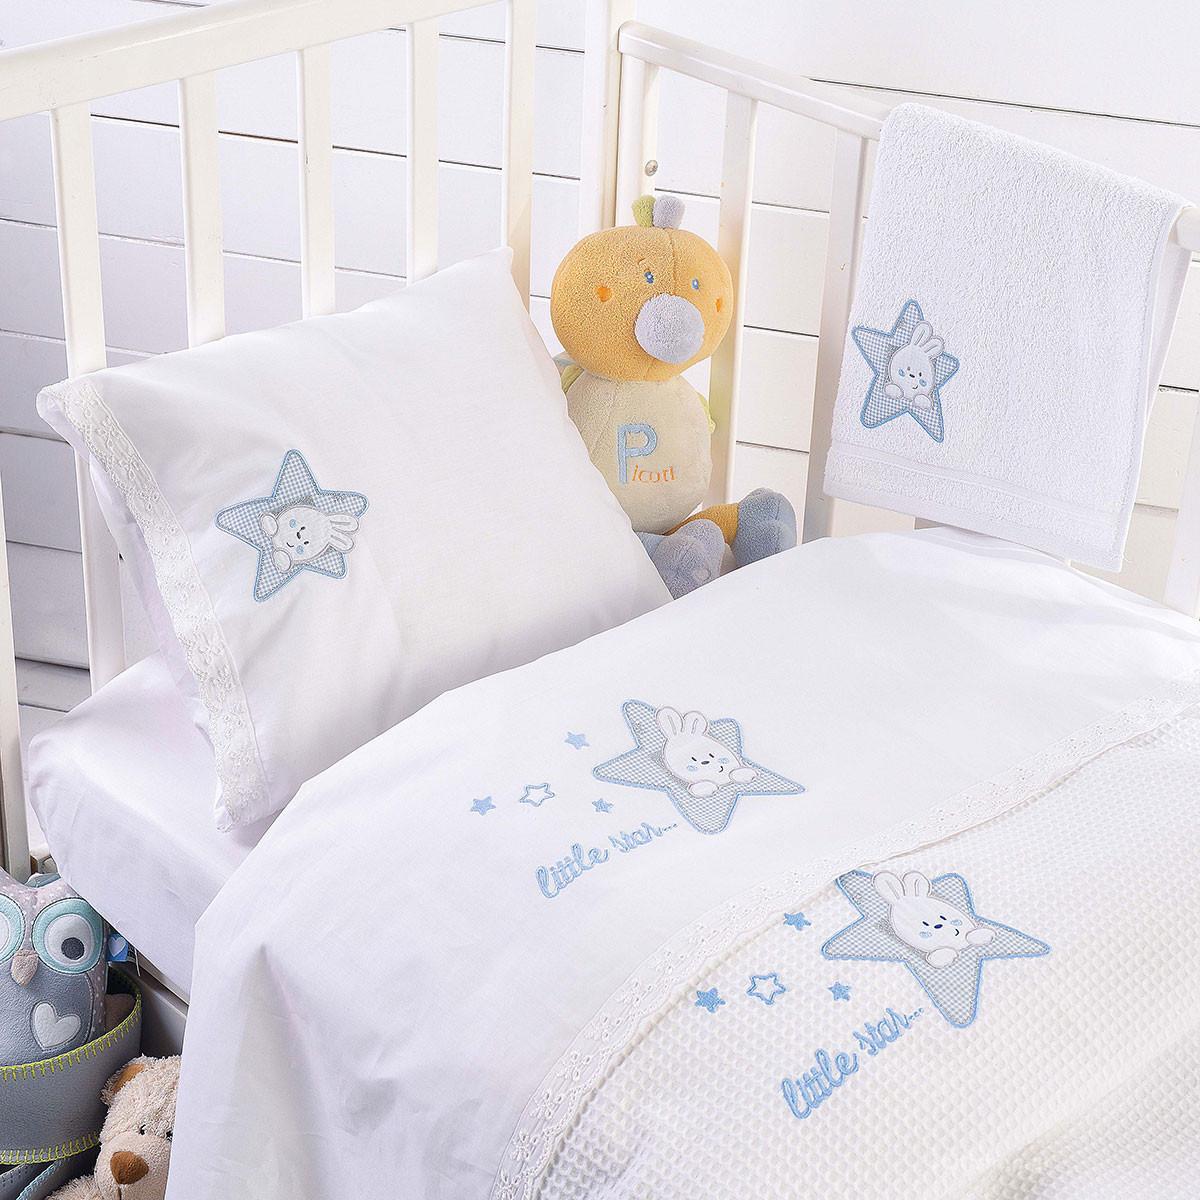 Κουβέρτα Πικέ Κούνιας Rythmos Astro Ciel home   βρεφικά   κουβέρτες βρεφικές   κουβέρτες καλοκαιρινές